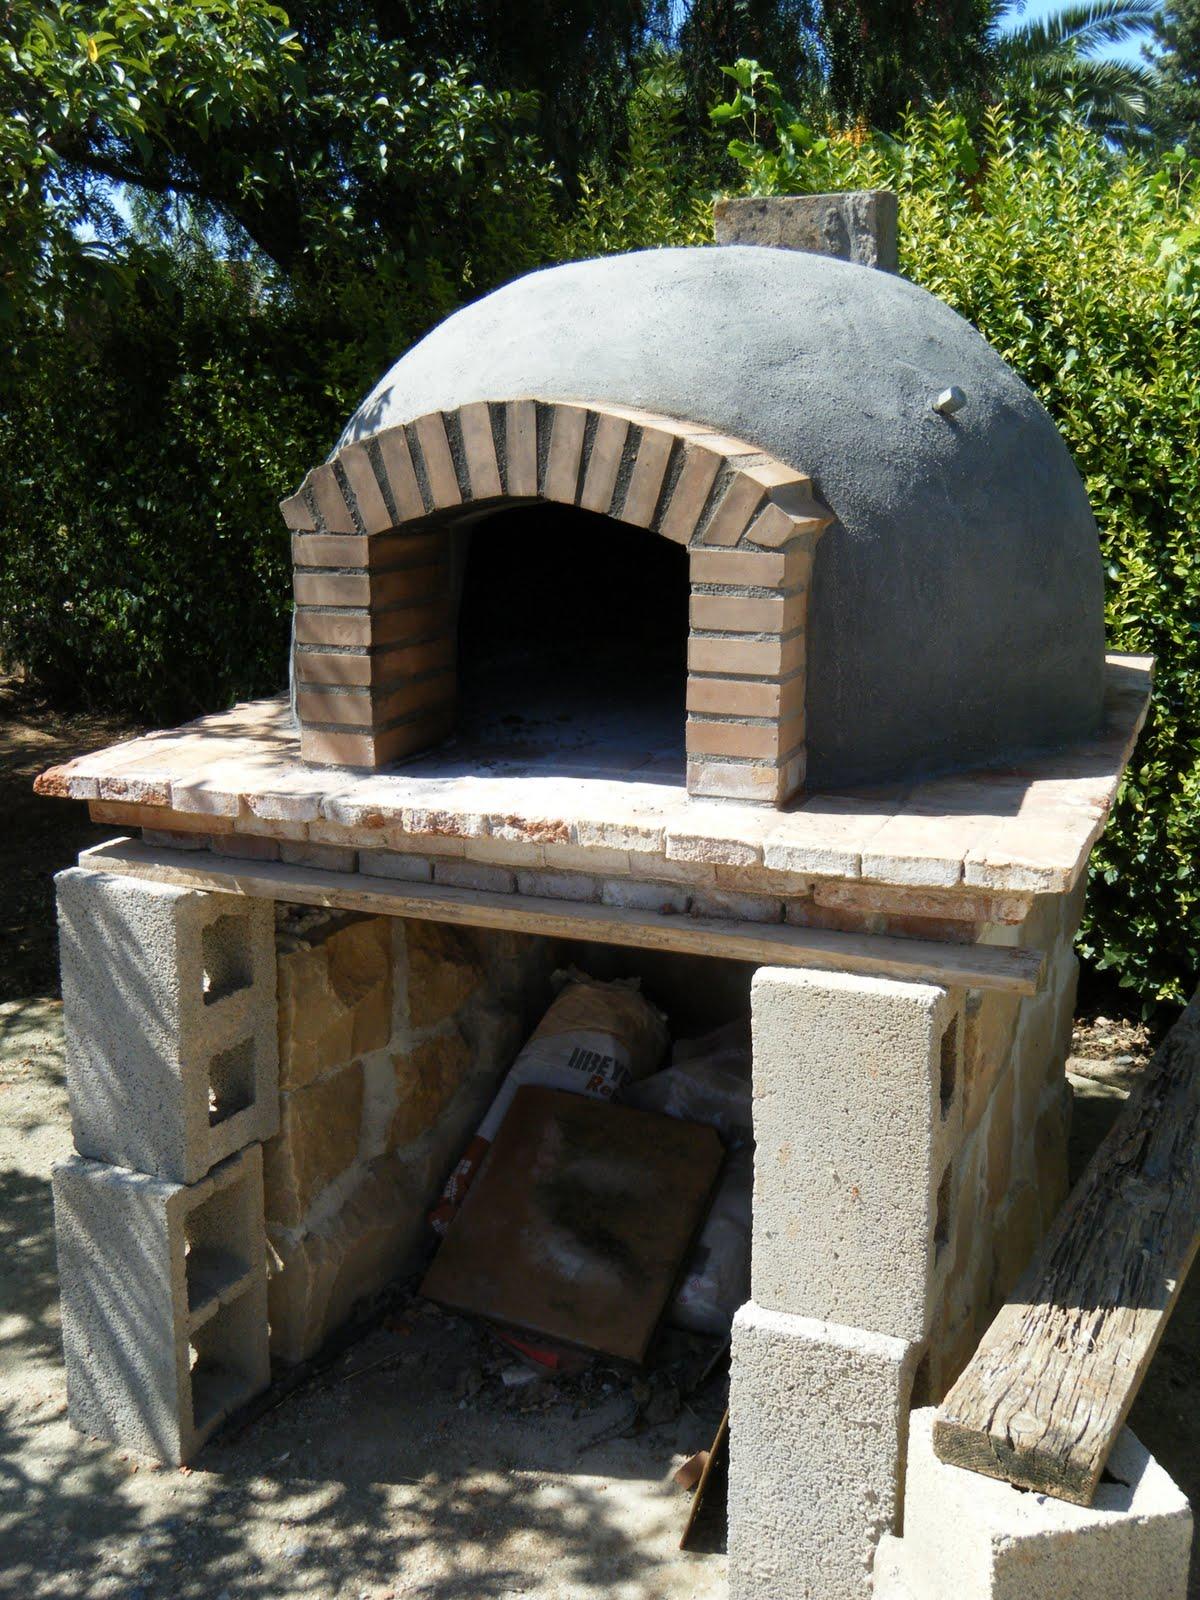 Mundocharly construccion de un horno de le a capitulo - Construccion hornos de lena ...